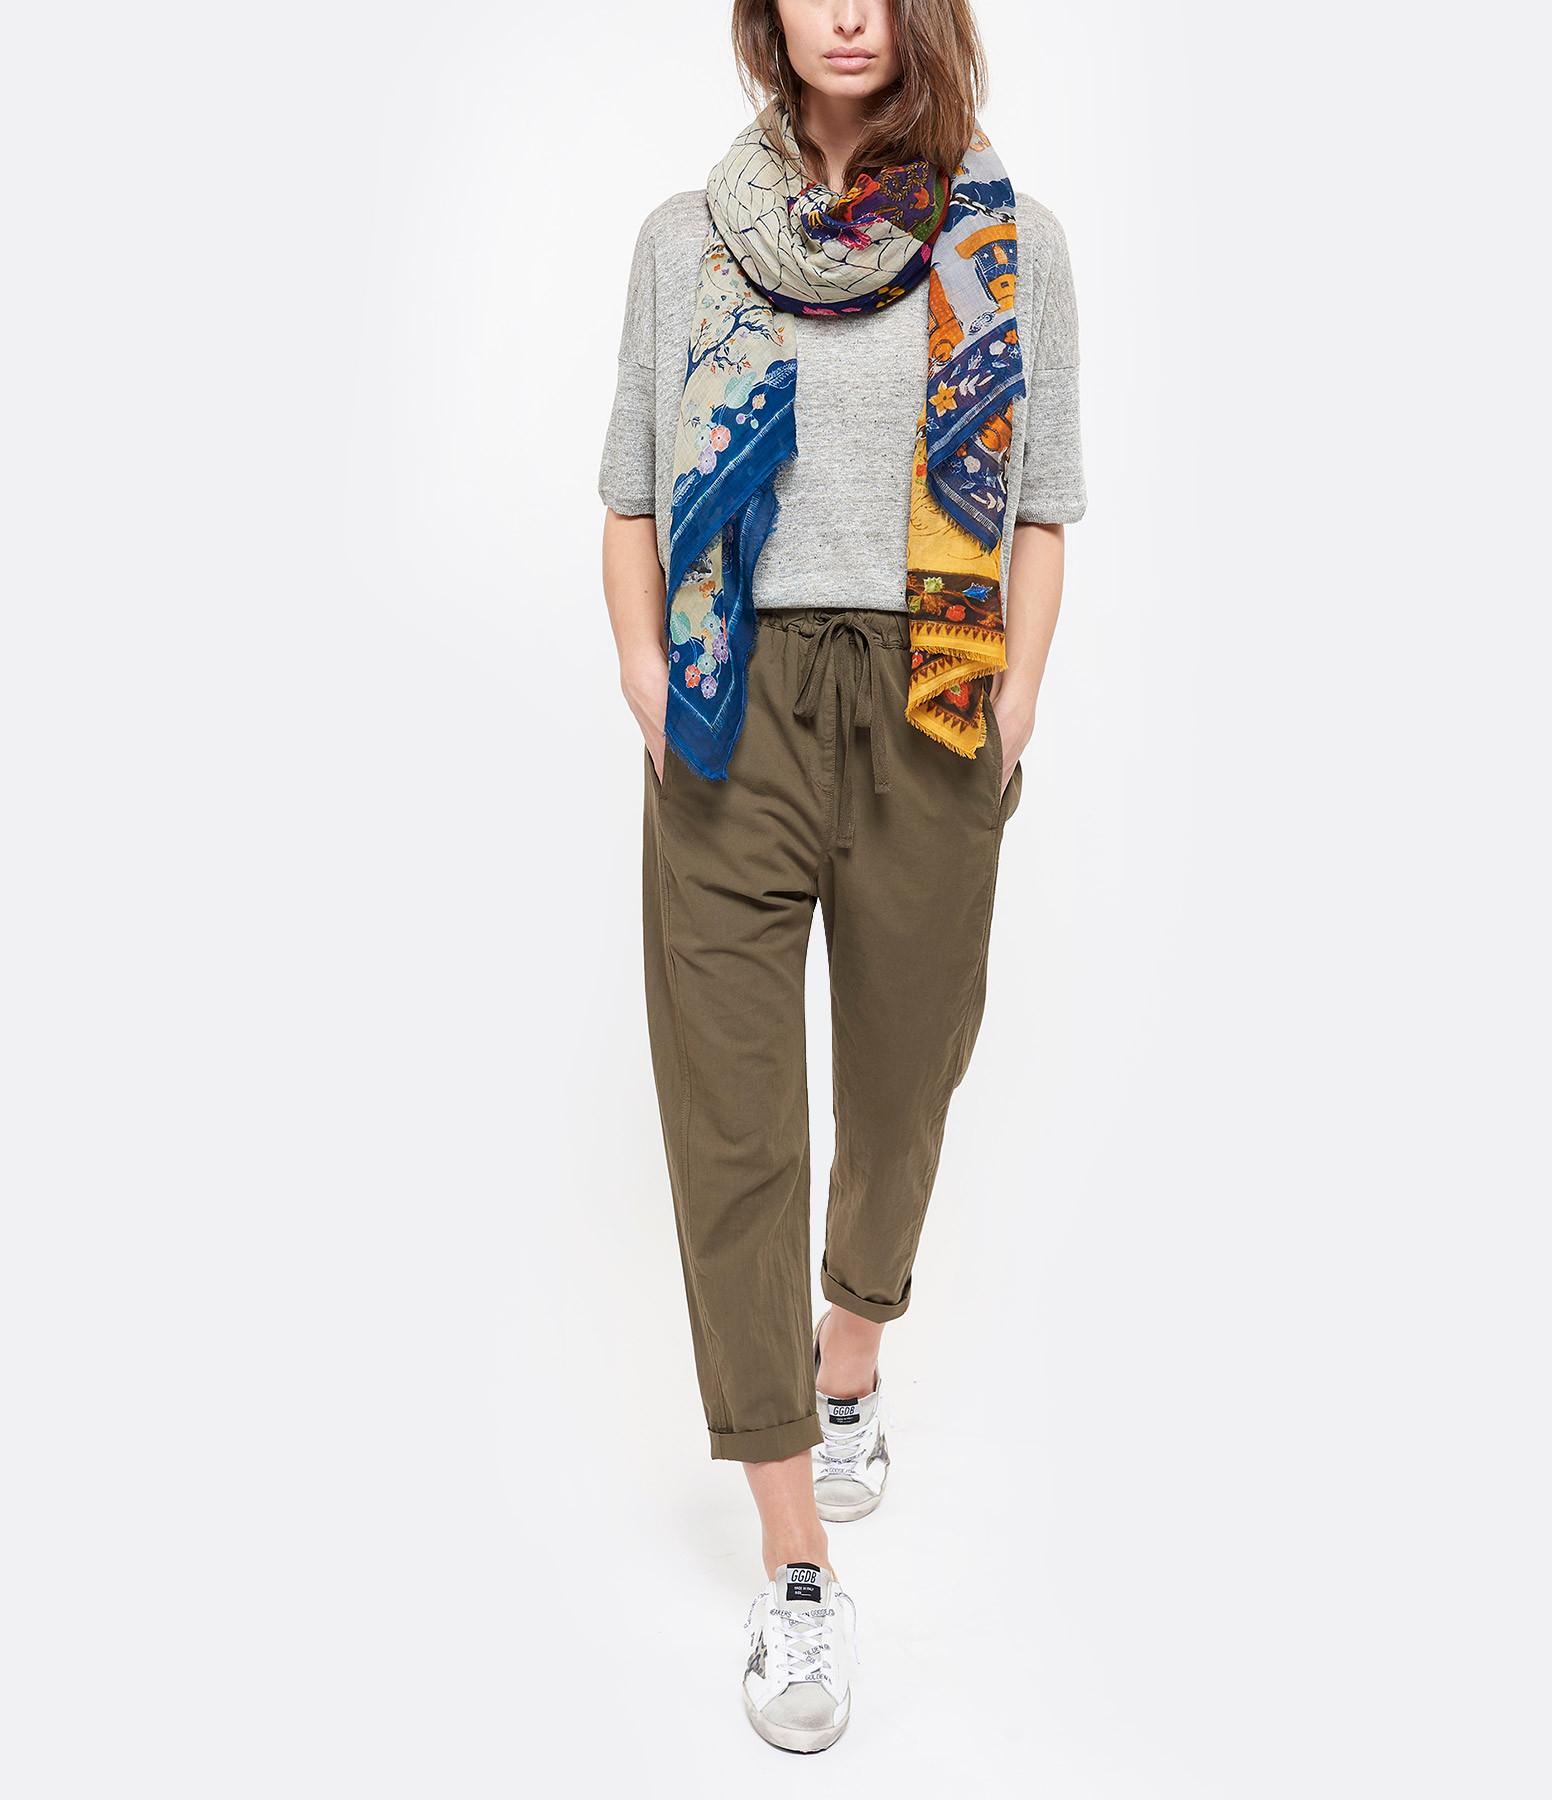 FALIERO SARTI - Foulard Lovers Coton Imprimé Multicolore